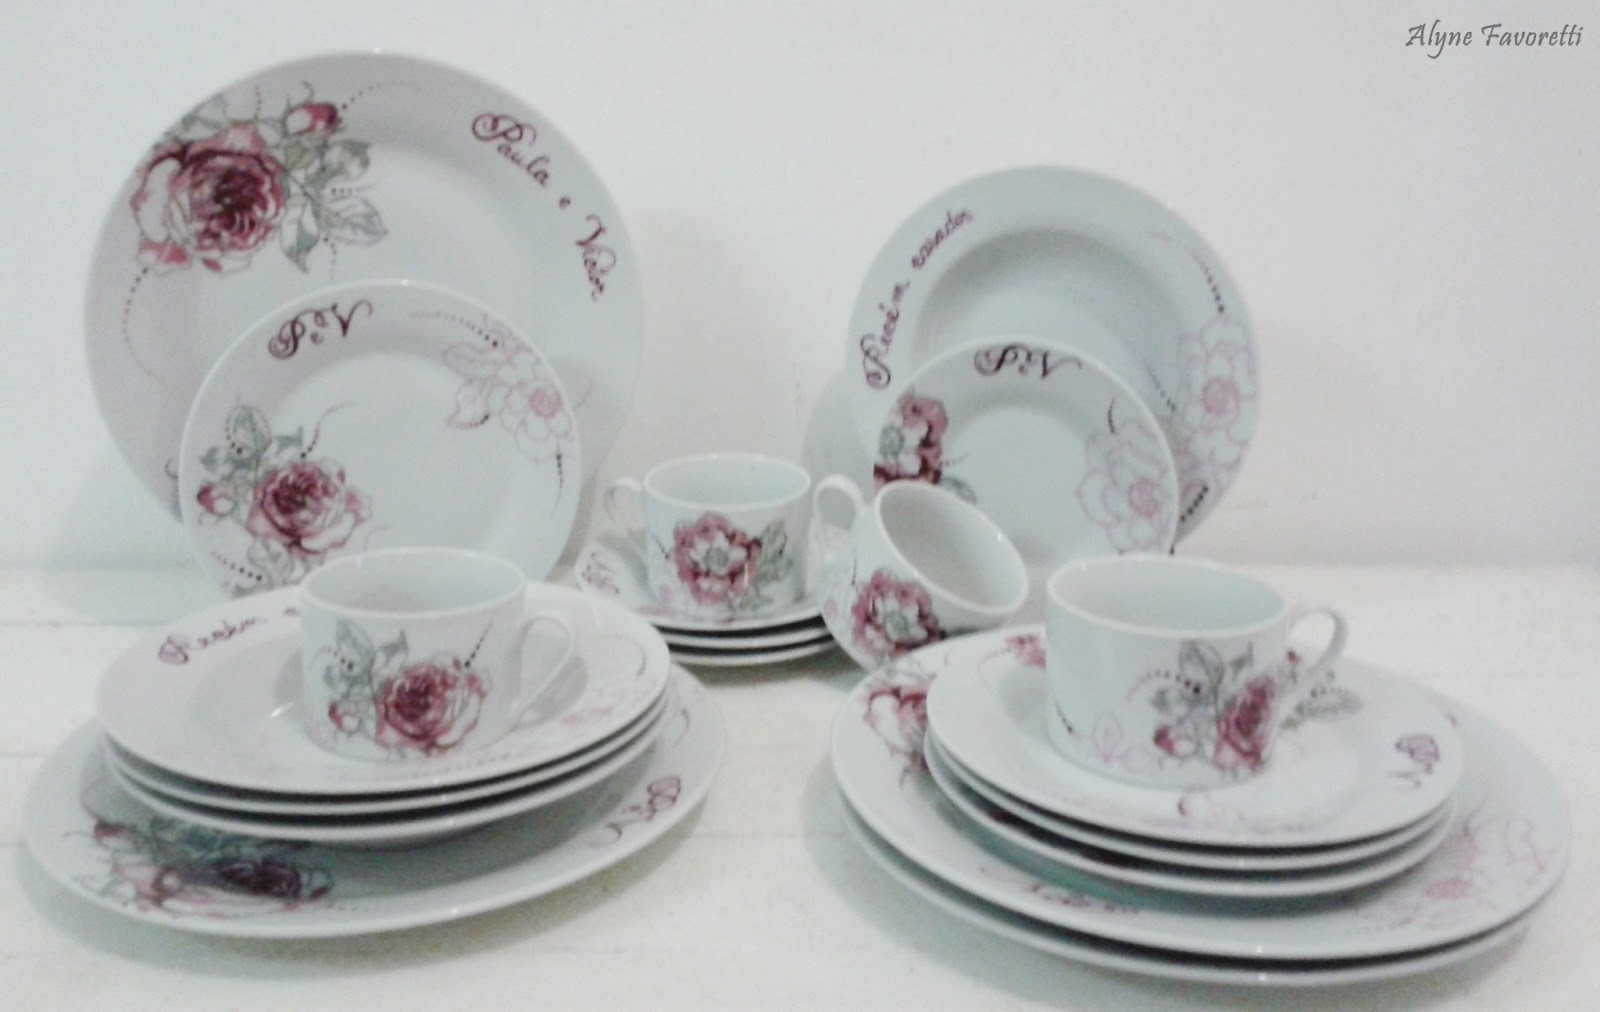 Favoretti: Aparelho de jantar com rosas personalizado para noivos #643E48 1600x1012